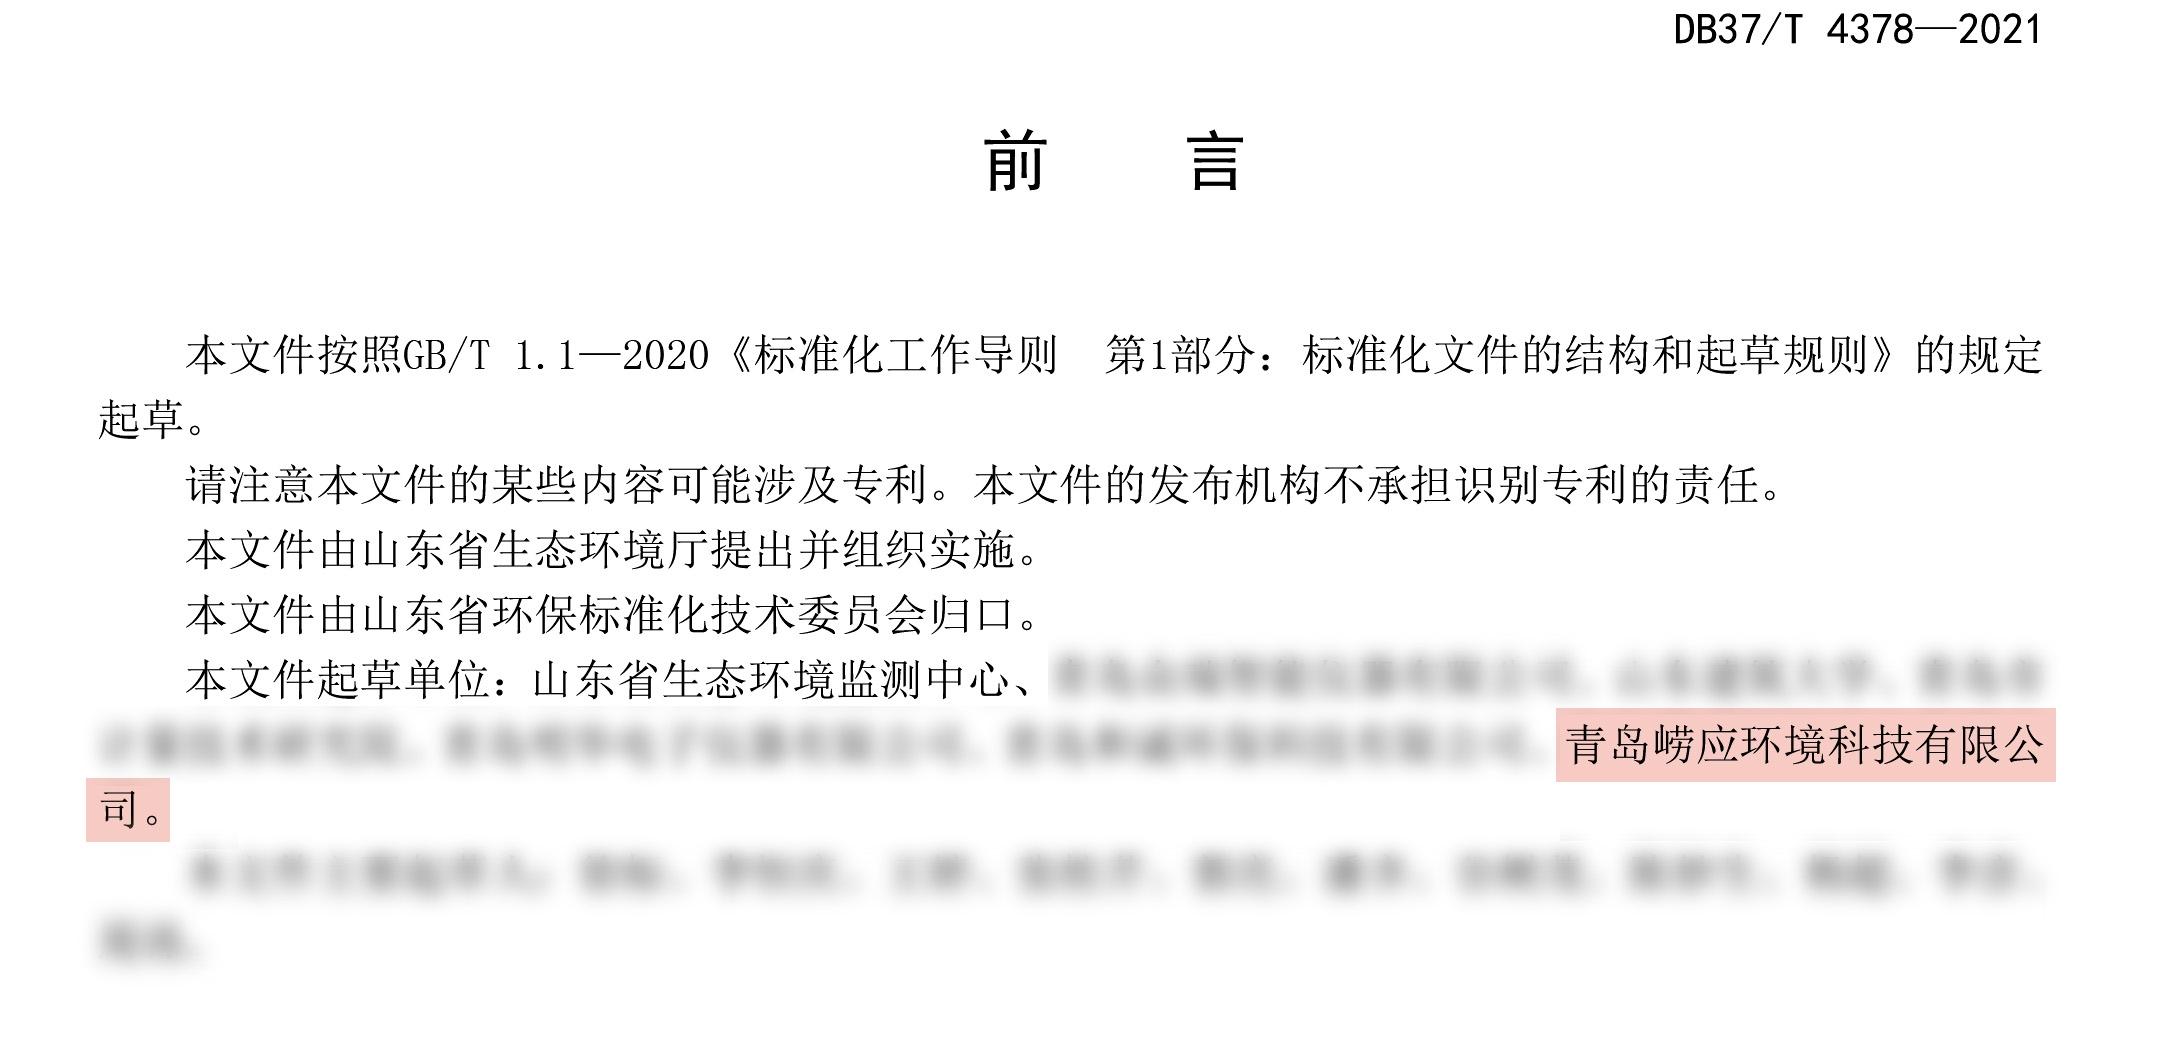 20200622-0(2).jpg